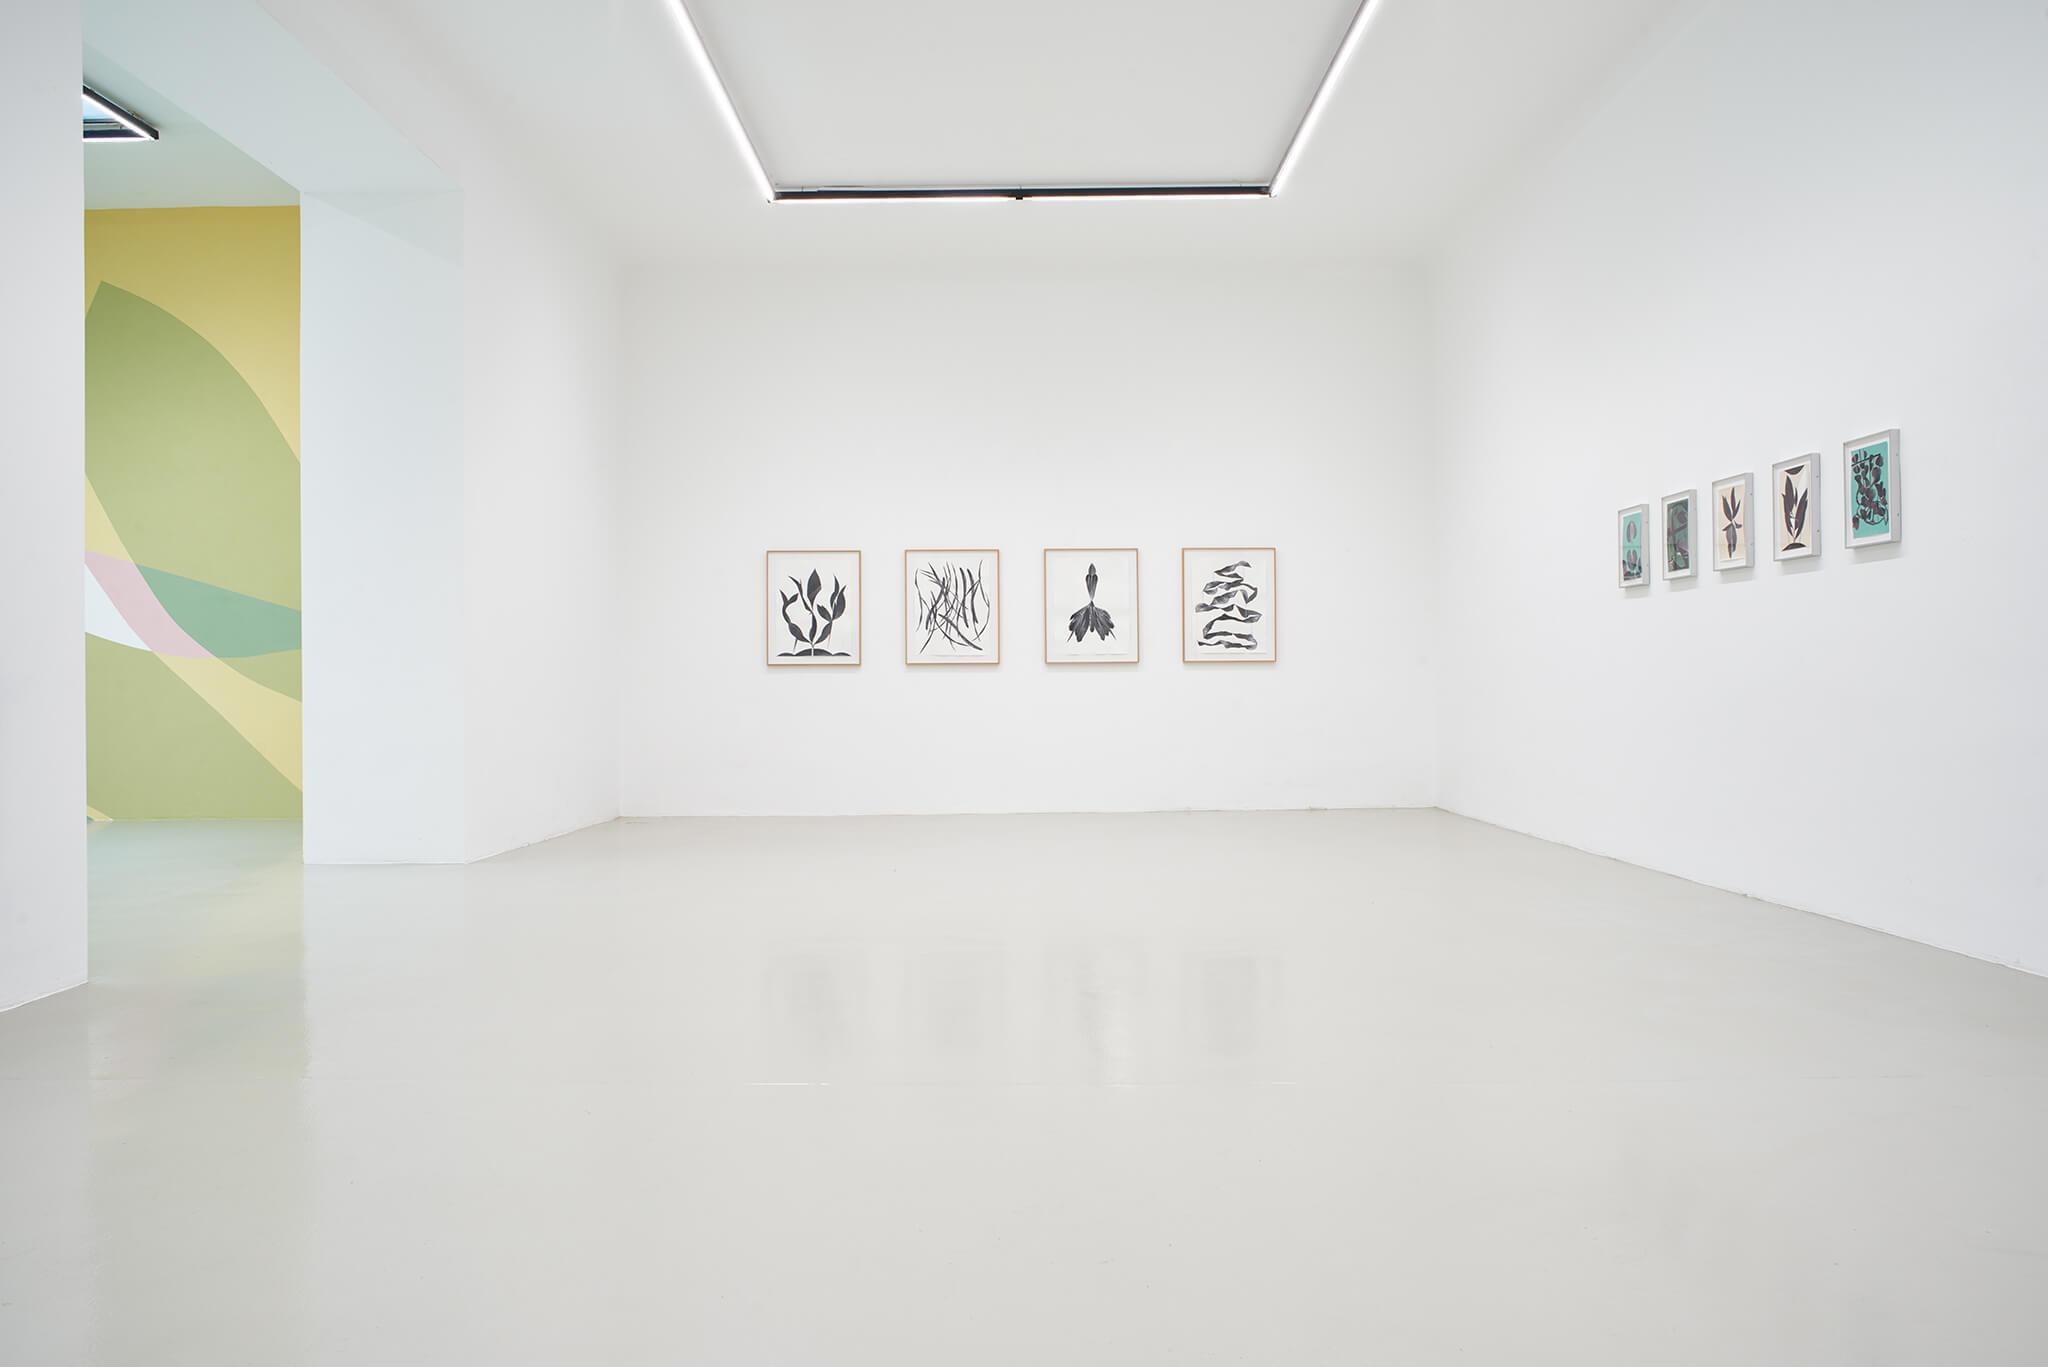 100_Frauke-Dannert_Collage_Ausstellung_Folie_Galerie-Lisa-Kandlhofer_Wien_2018